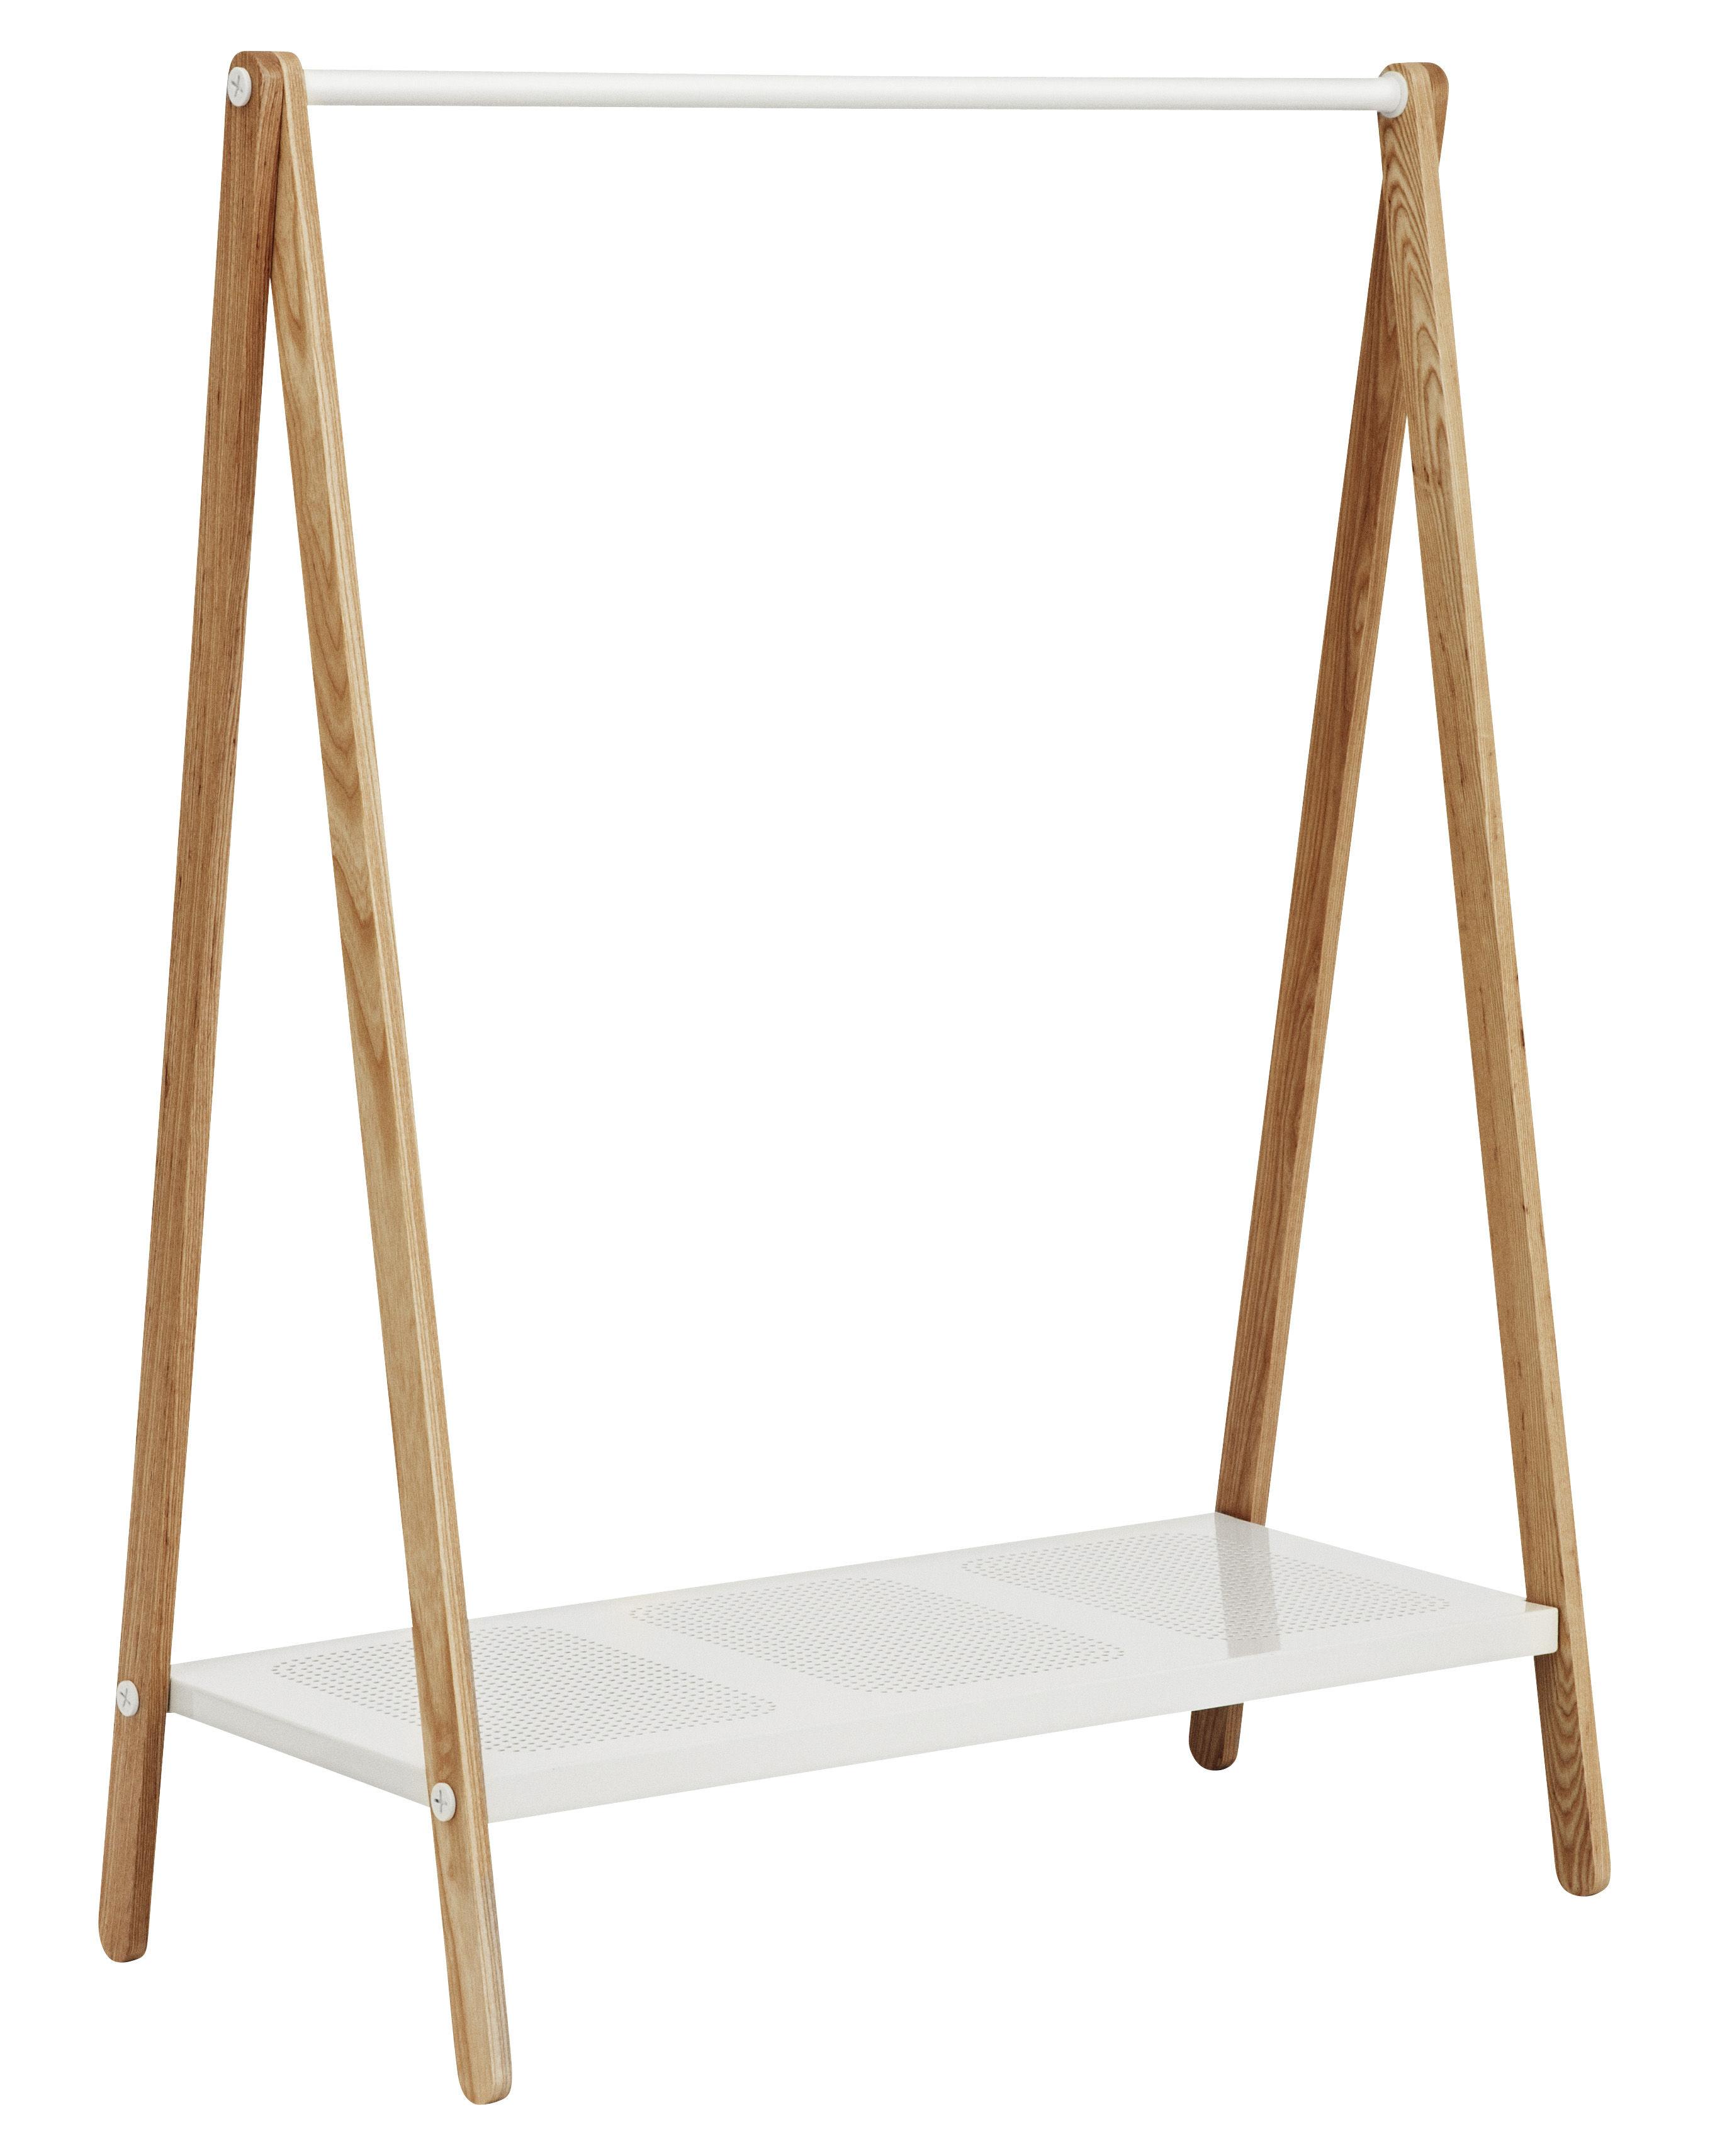 Mobilier - Portemanteaux, patères & portants - Portant Toj grand modèle - Normann Copenhagen - Larg 120 cm - Blanc - Frêne, Métal